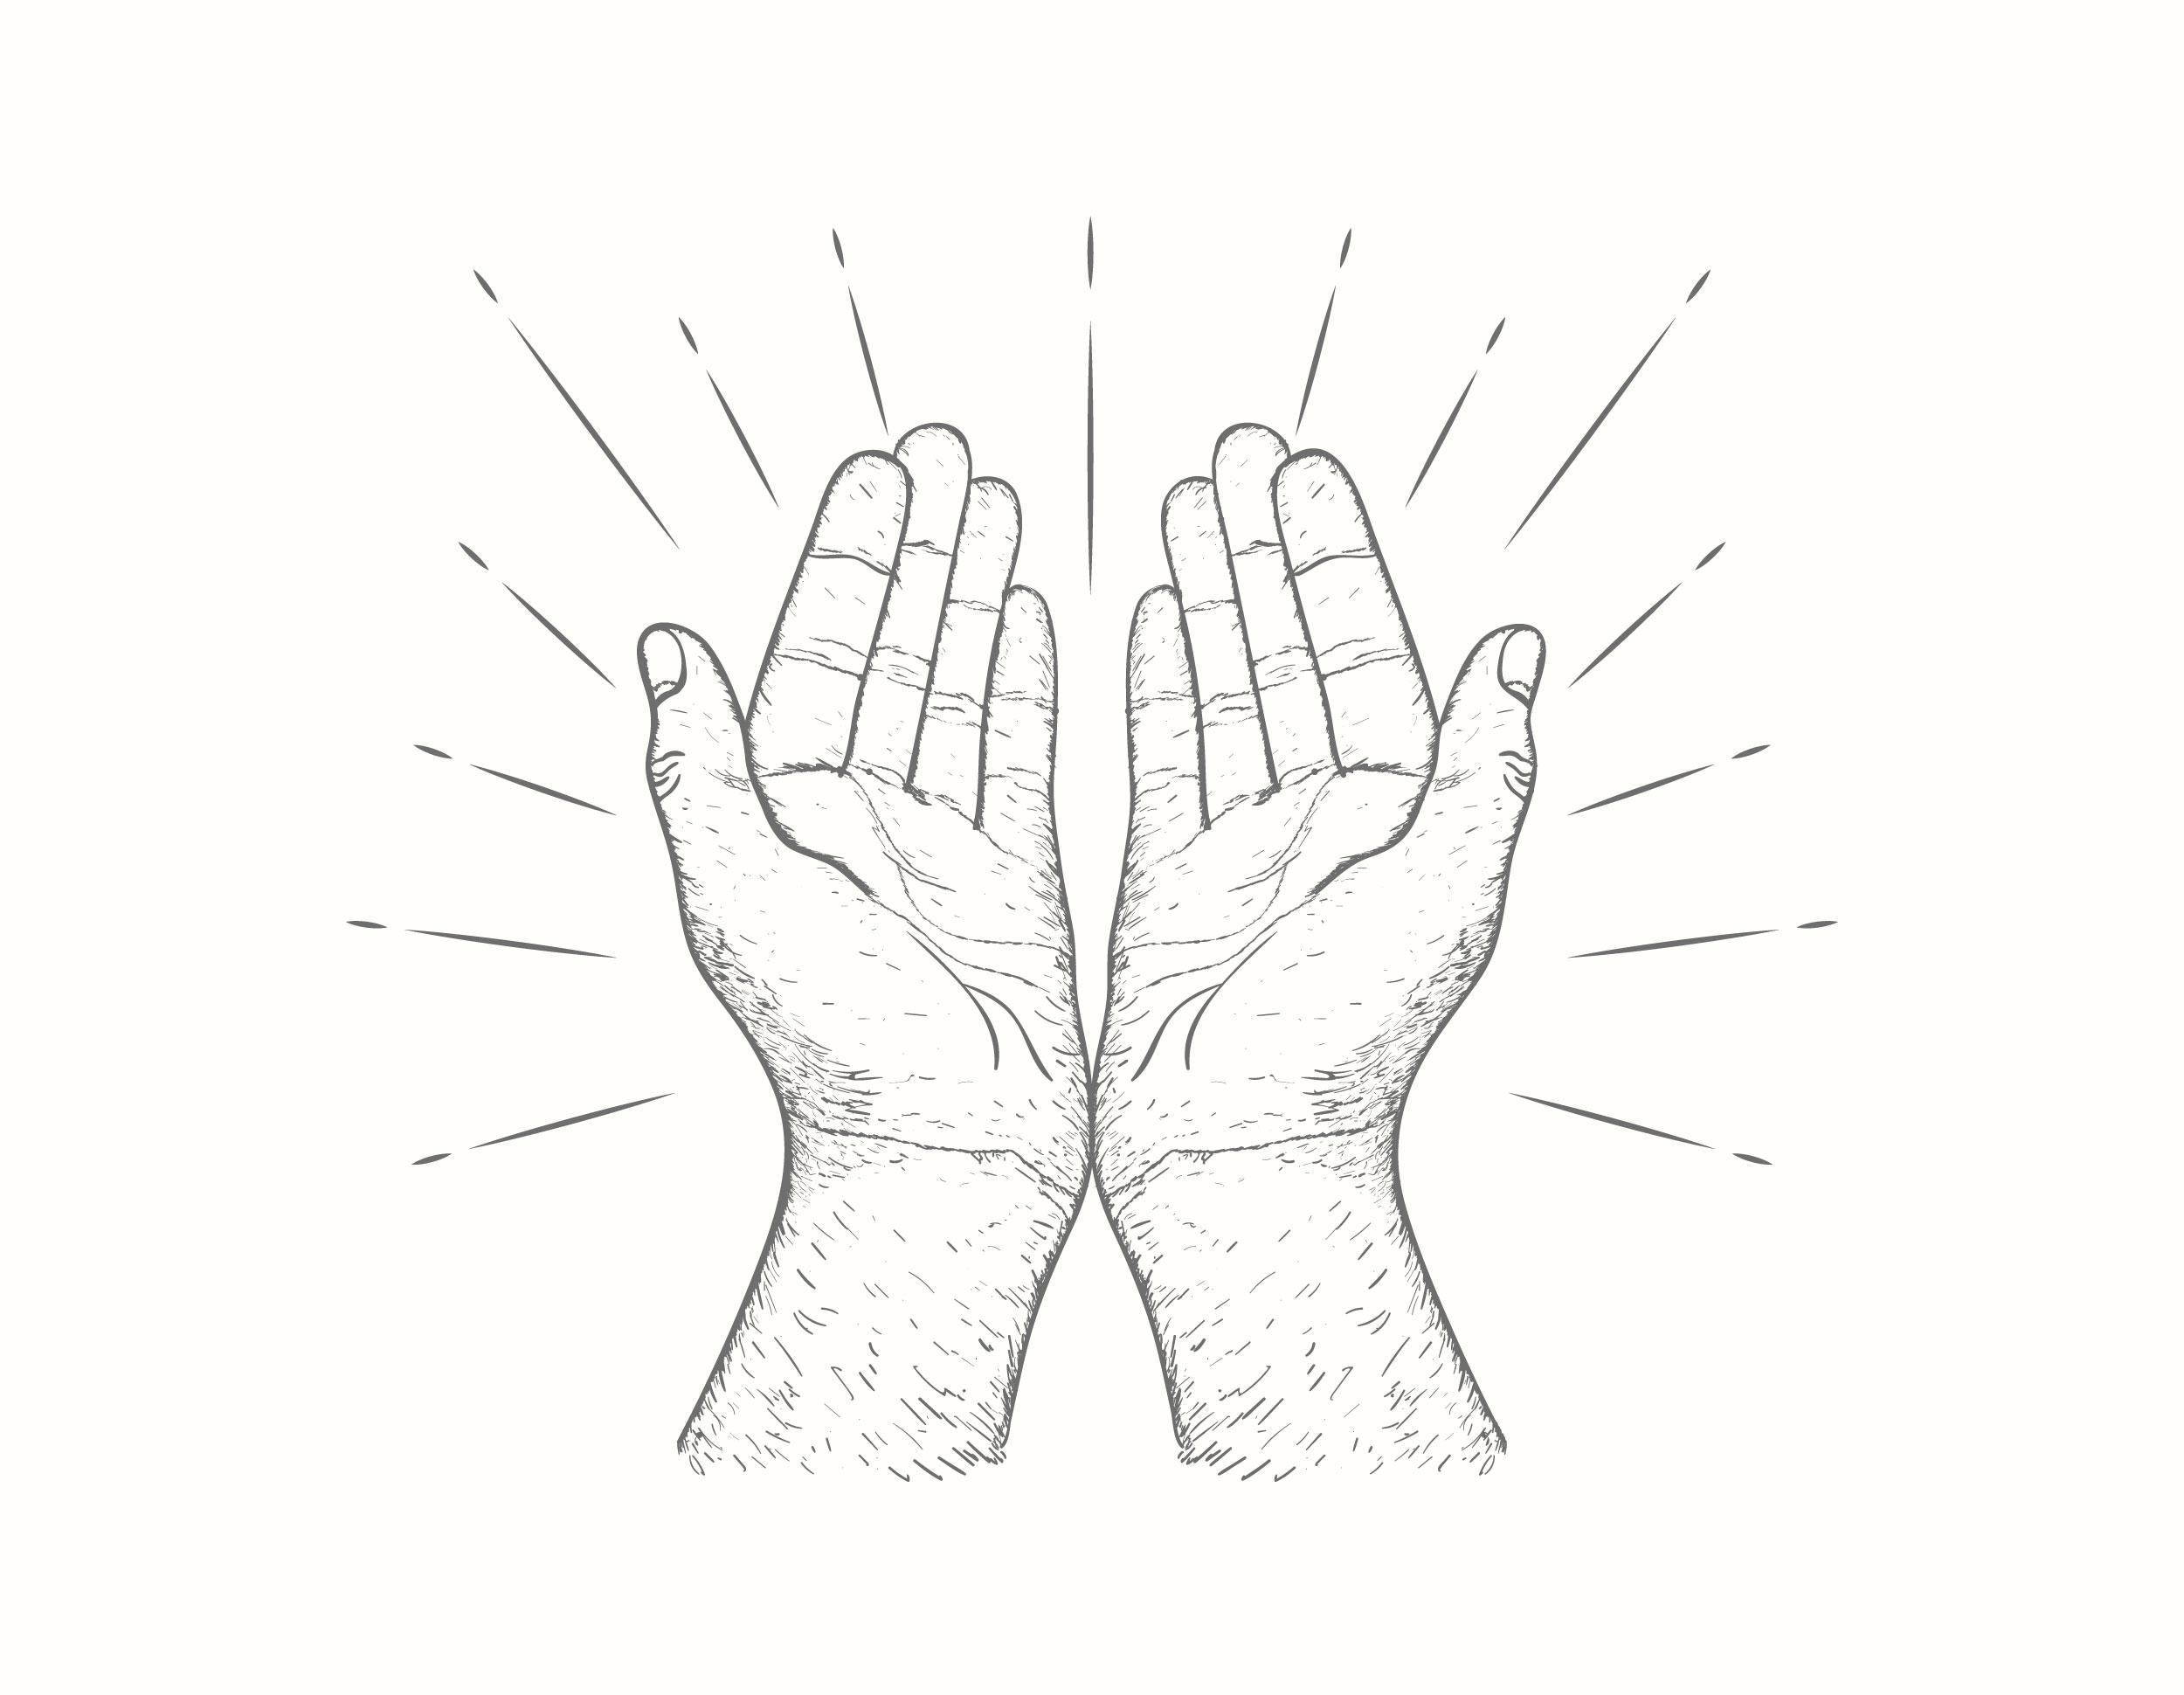 Praying Hands Vector Download